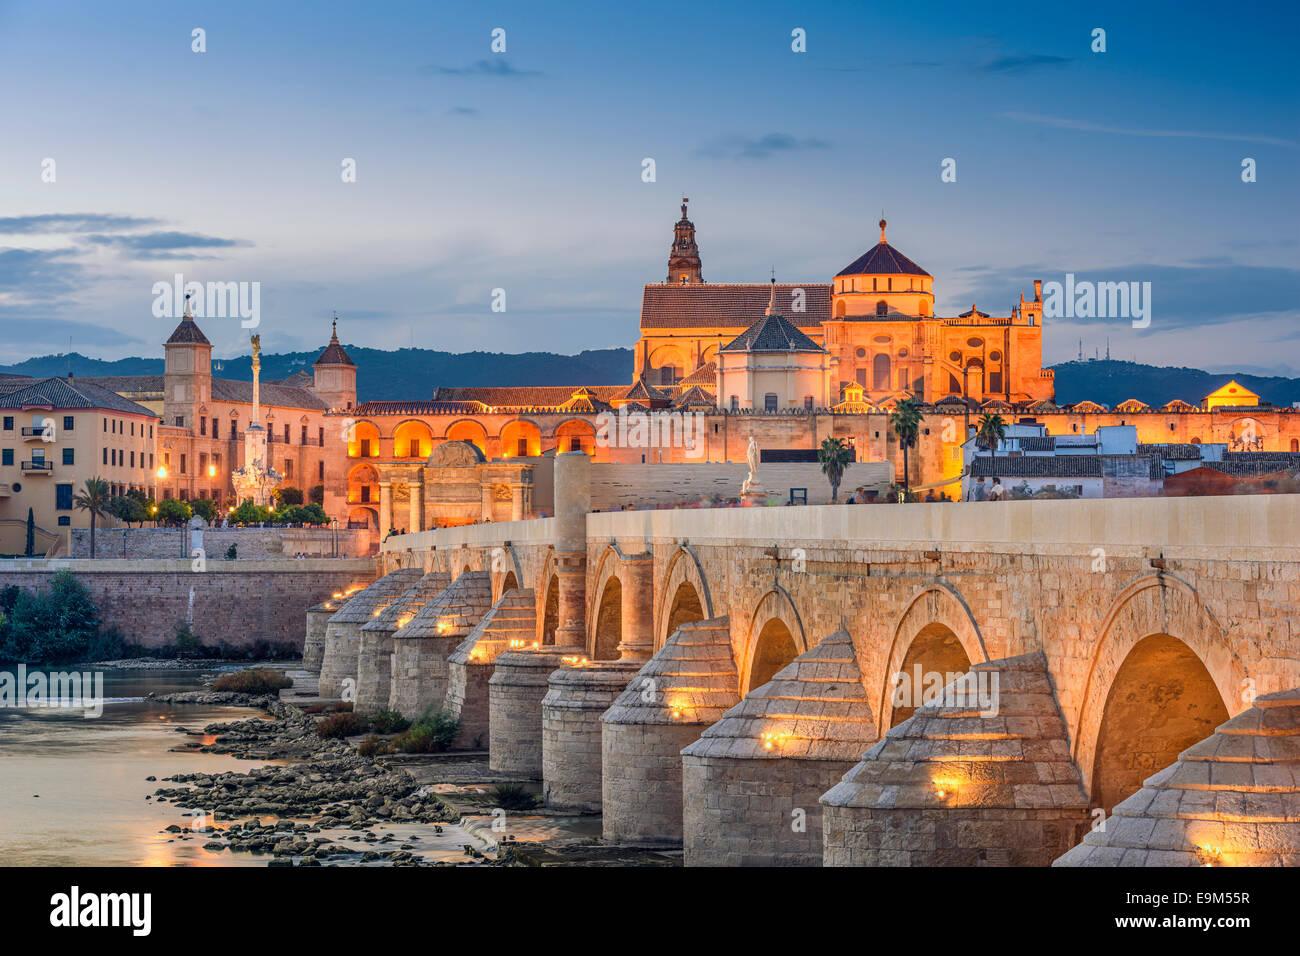 Cordoba, España vista de la Mezquita-Catedral y el puente romano sobre el río Guadalquivir. Imagen De Stock